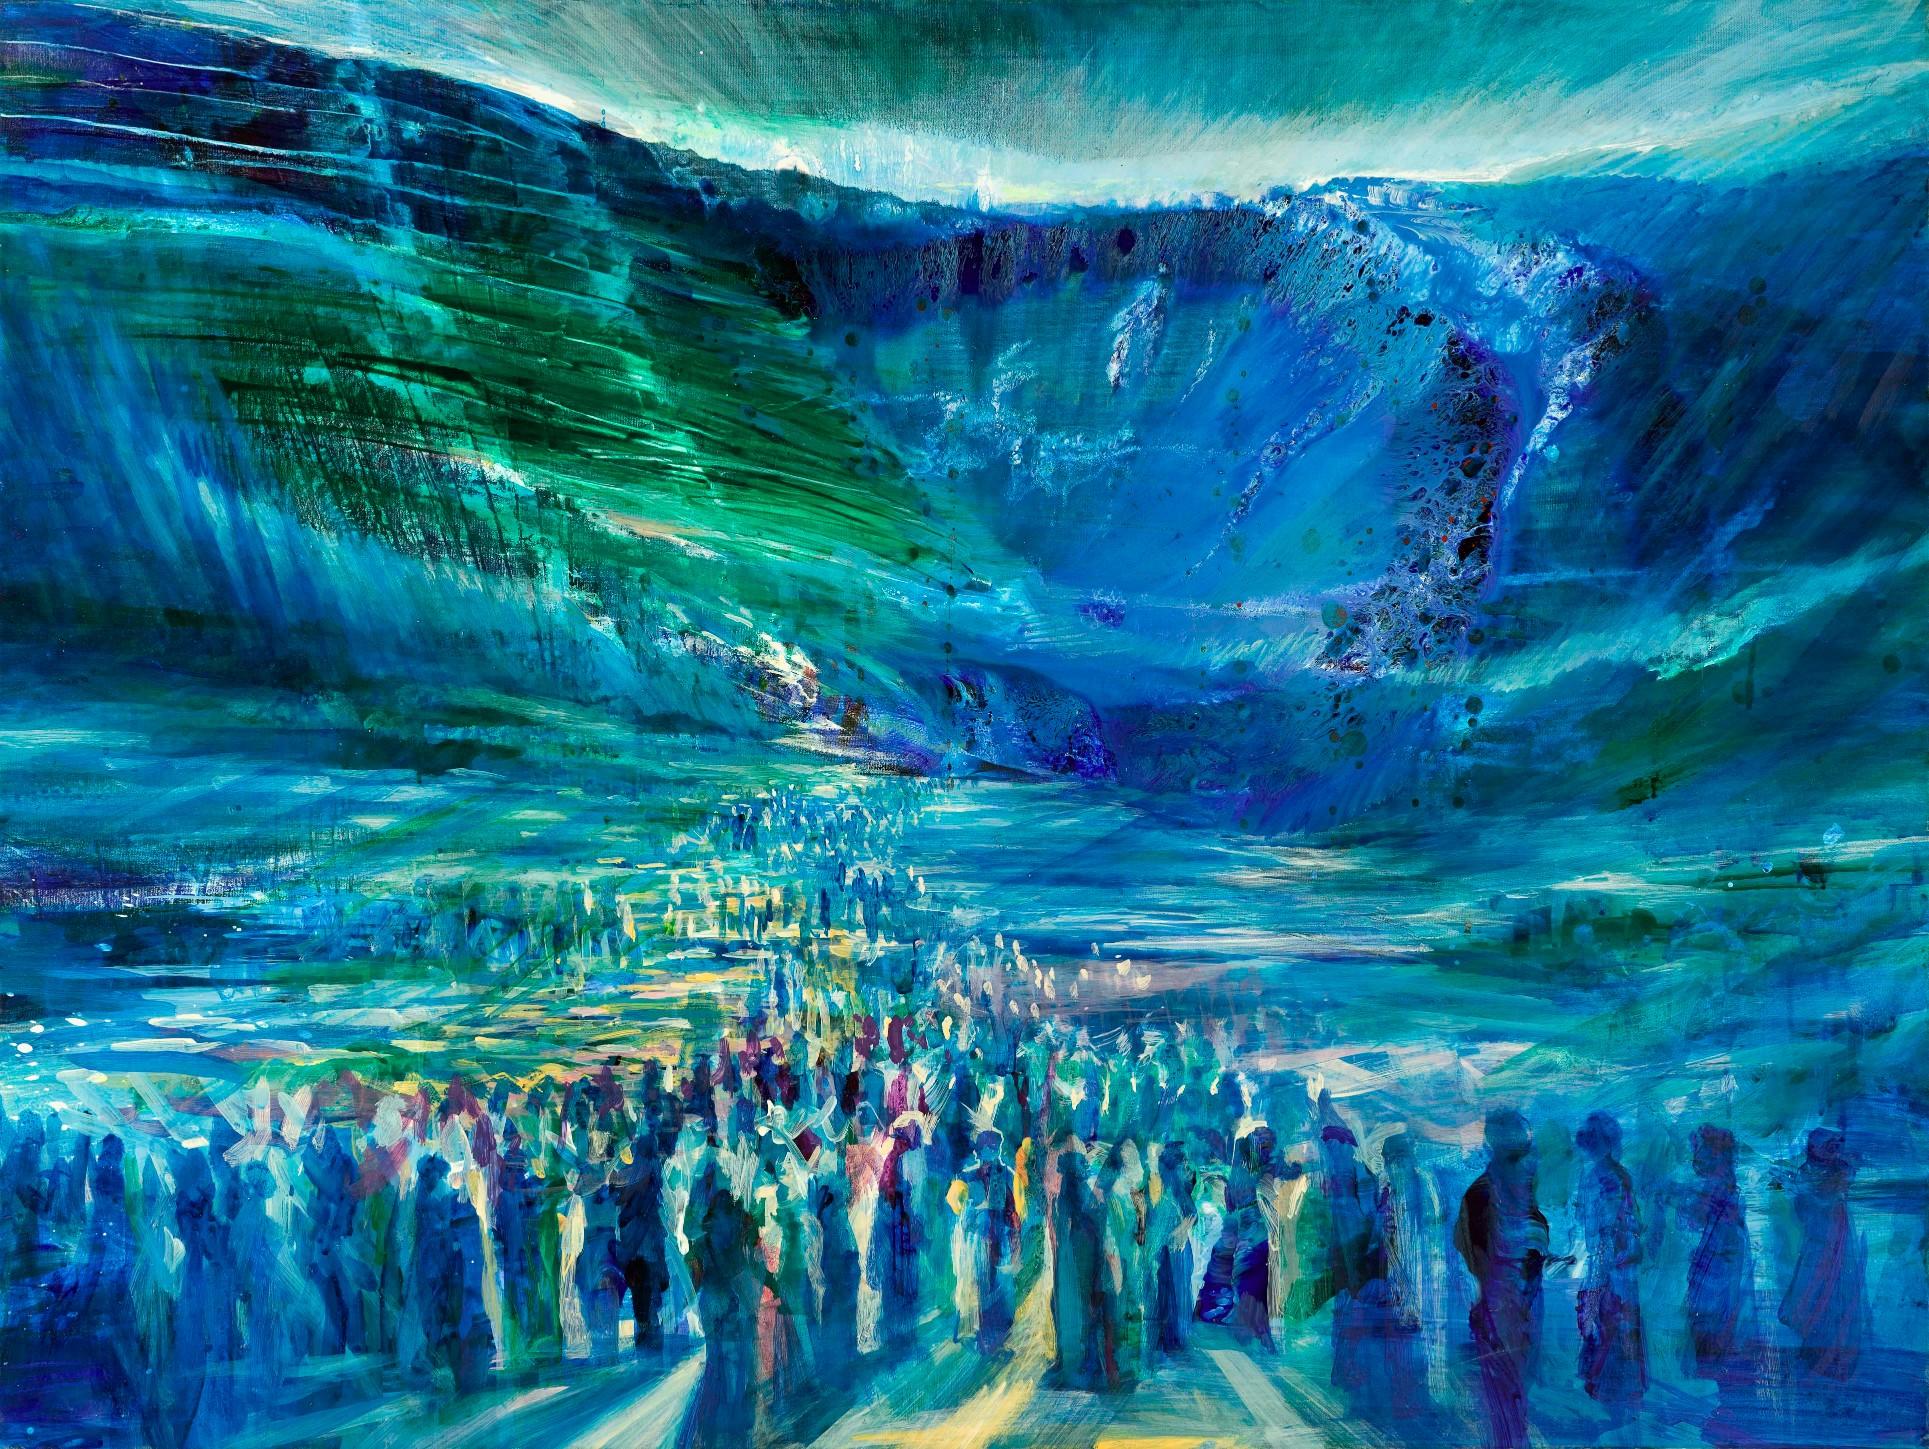 Crossing the Red Sea by Yoram Raanan